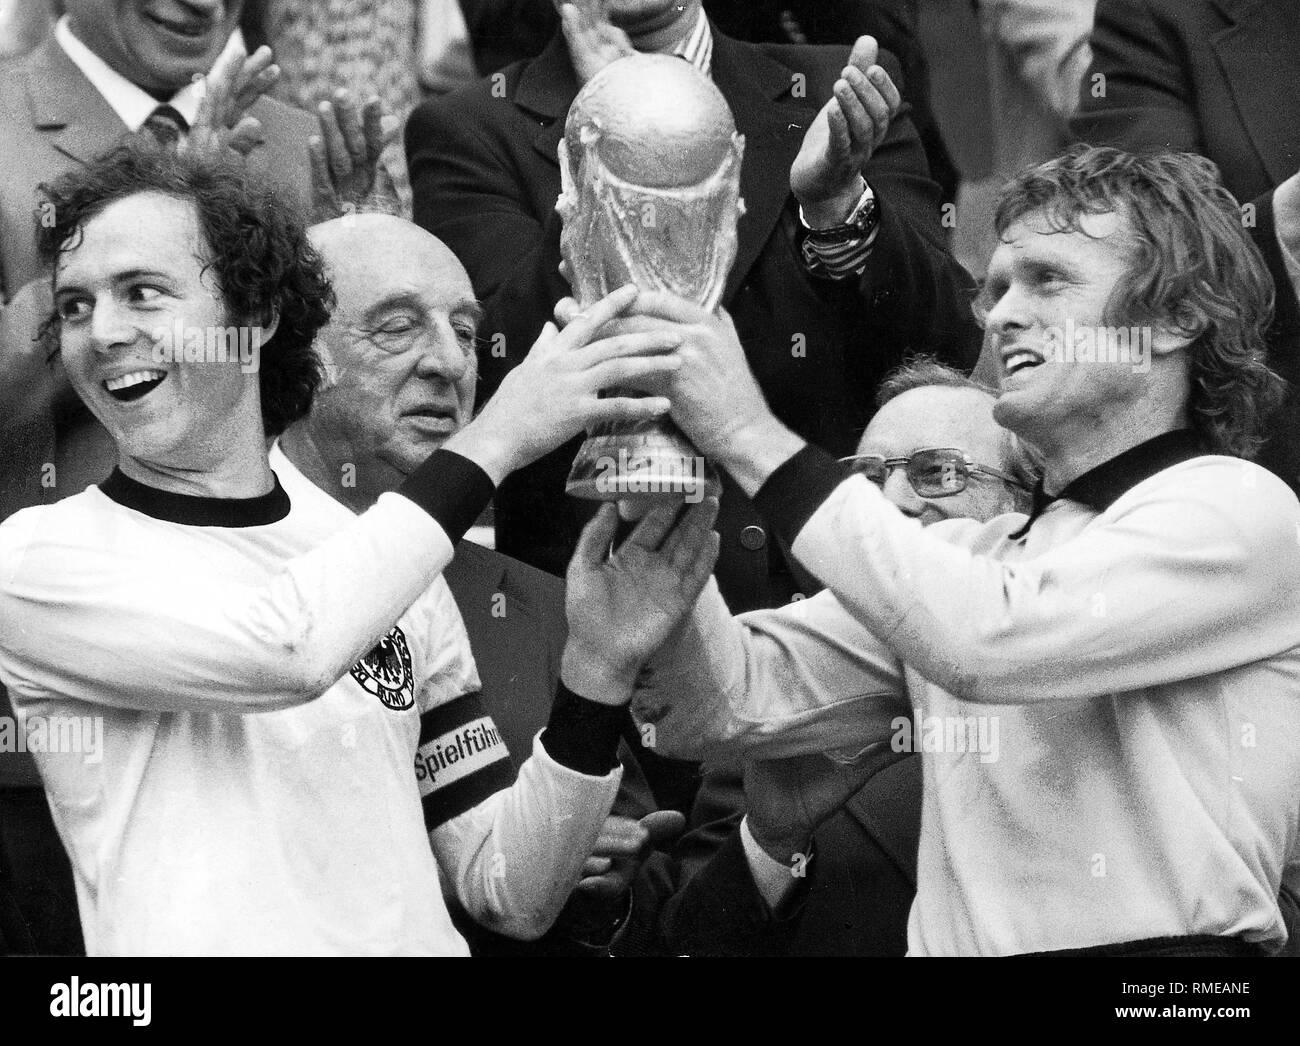 Nach Dem Finale Der Fifa Fussball Weltmeisterschaft 1974 Eine